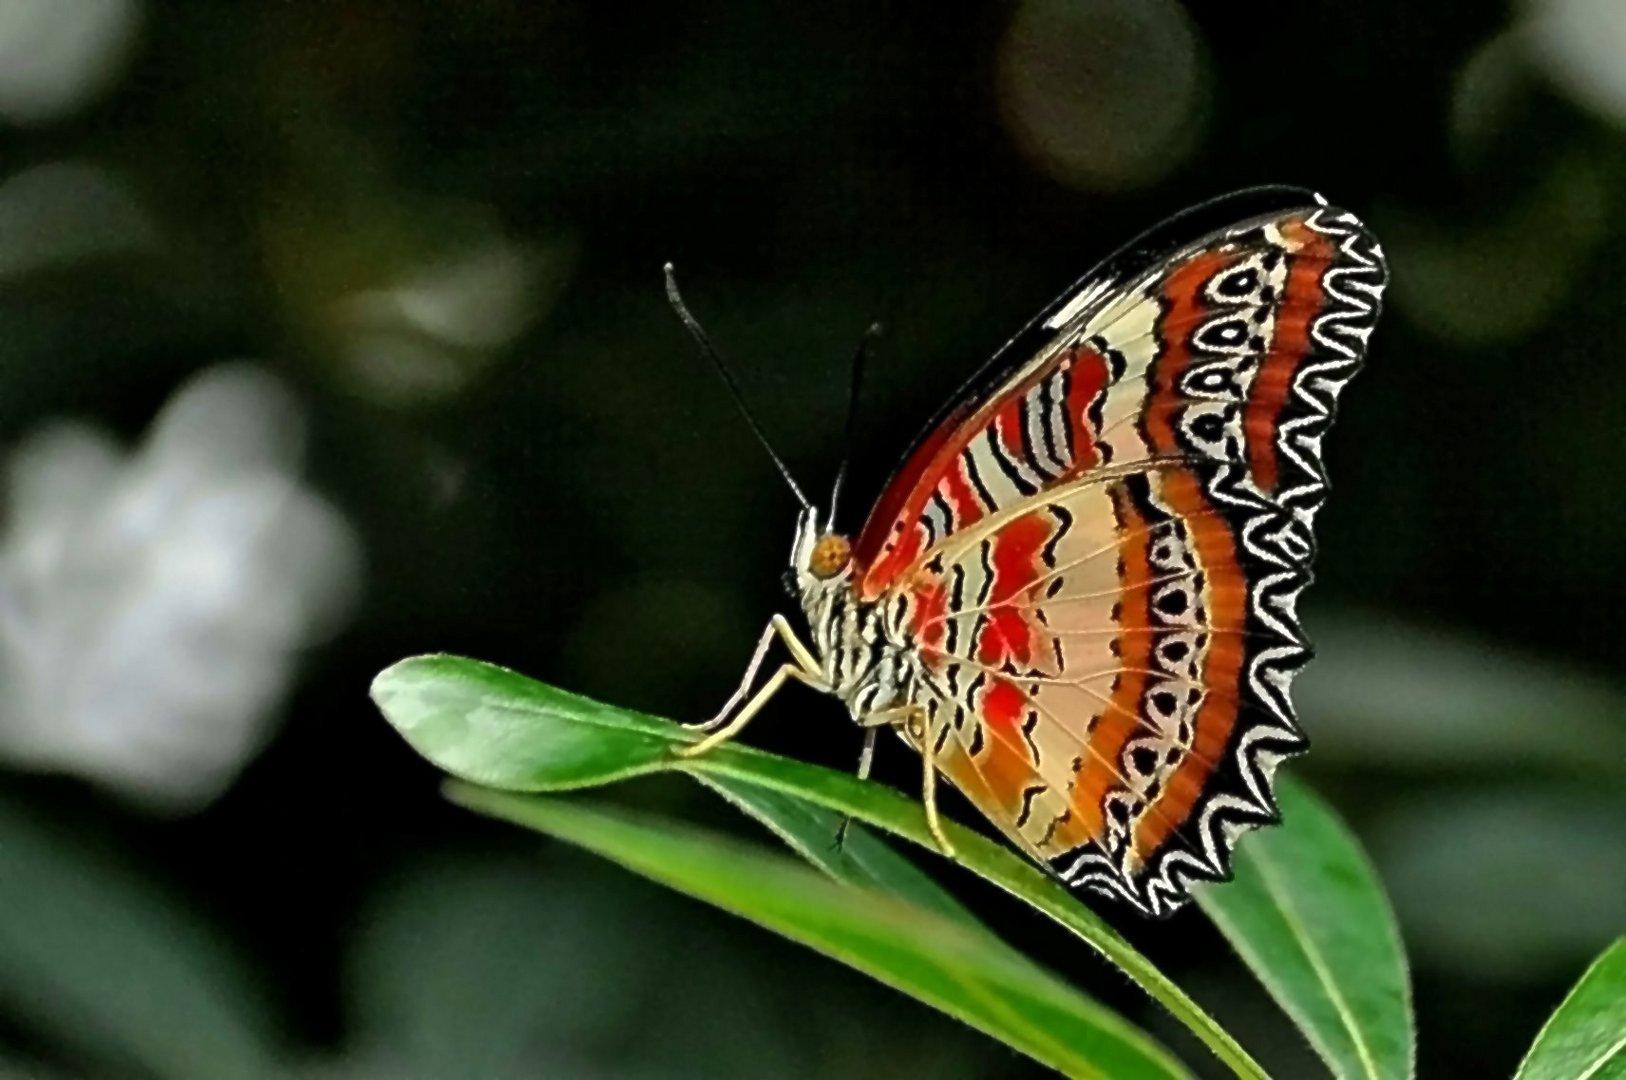 exotischer schmetterling 07 foto bild tiere insekten natur bilder auf fotocommunity. Black Bedroom Furniture Sets. Home Design Ideas